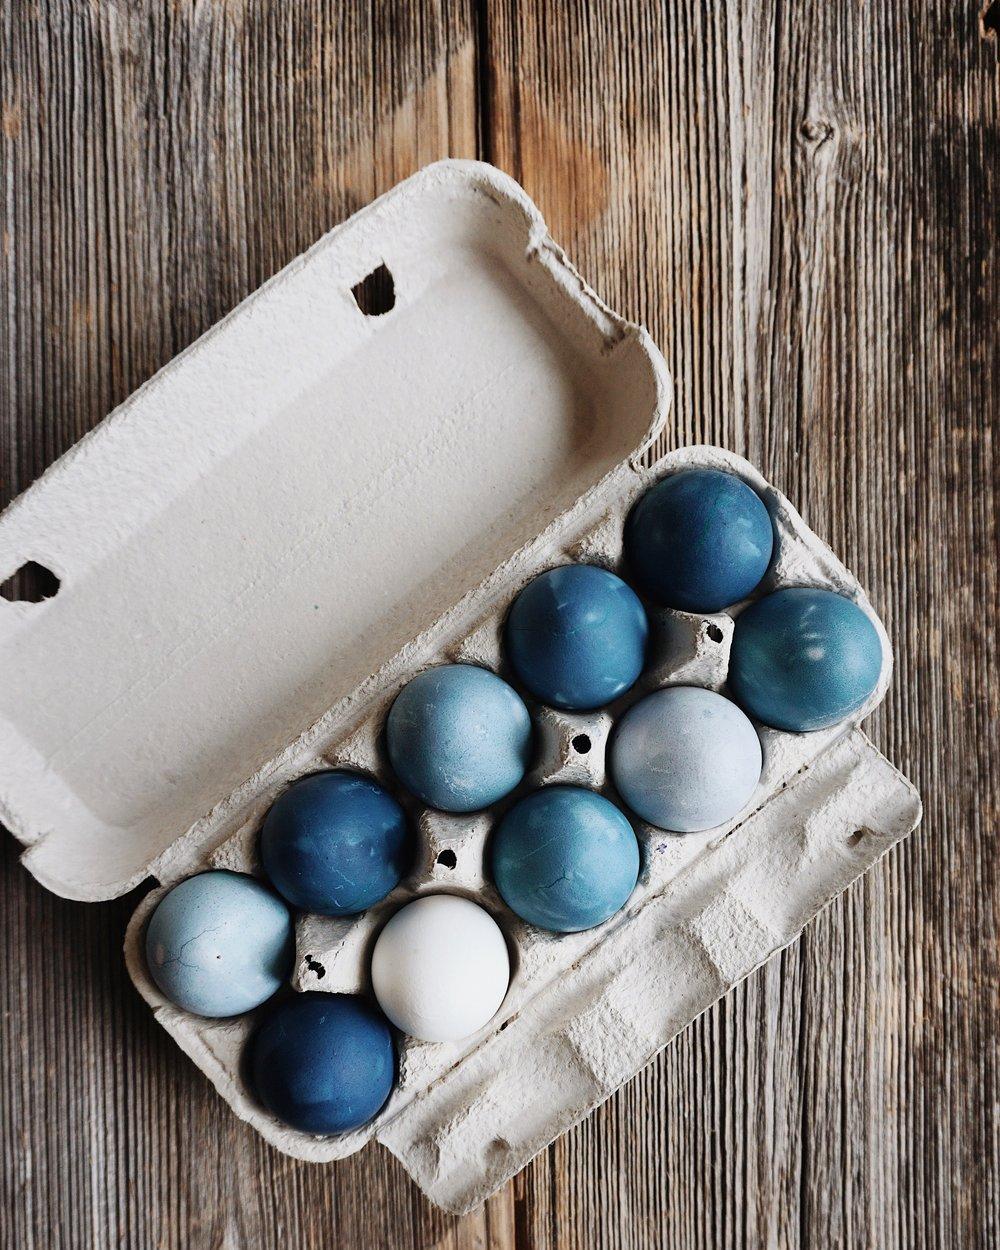 Lieldienu olas viszilākās - oliņ boliņ, šogad mans olu eksperiments ar zilo, gaiši zilo, tumši zilo, zilo un viszilāko.aši izstāstīšu kas un kā, bet tikmēr fonā aicinu atskaņot burvīgo Viktora Lapčenoka vokālu -https://ej.uz/akviktor